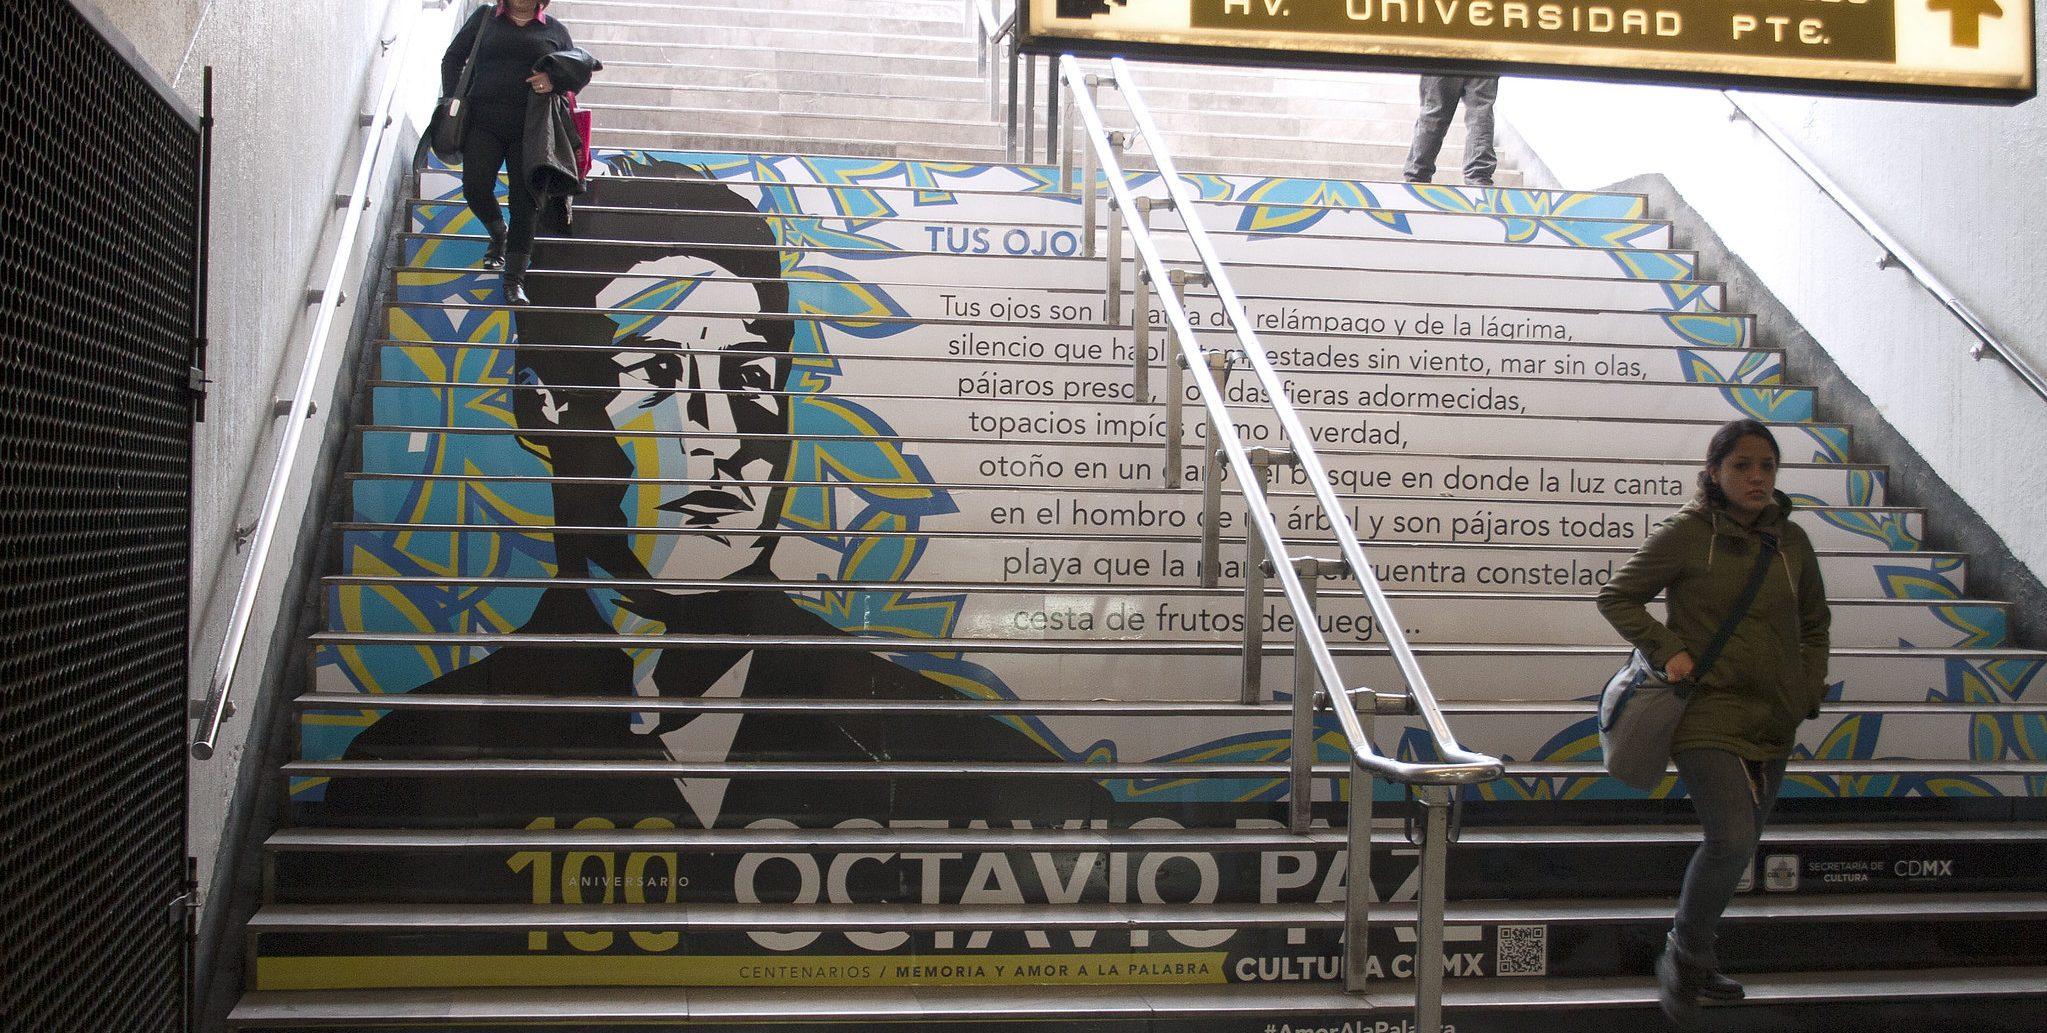 5 poemas de Octavio Paz: Escribir como un acto mental, verbal y físico